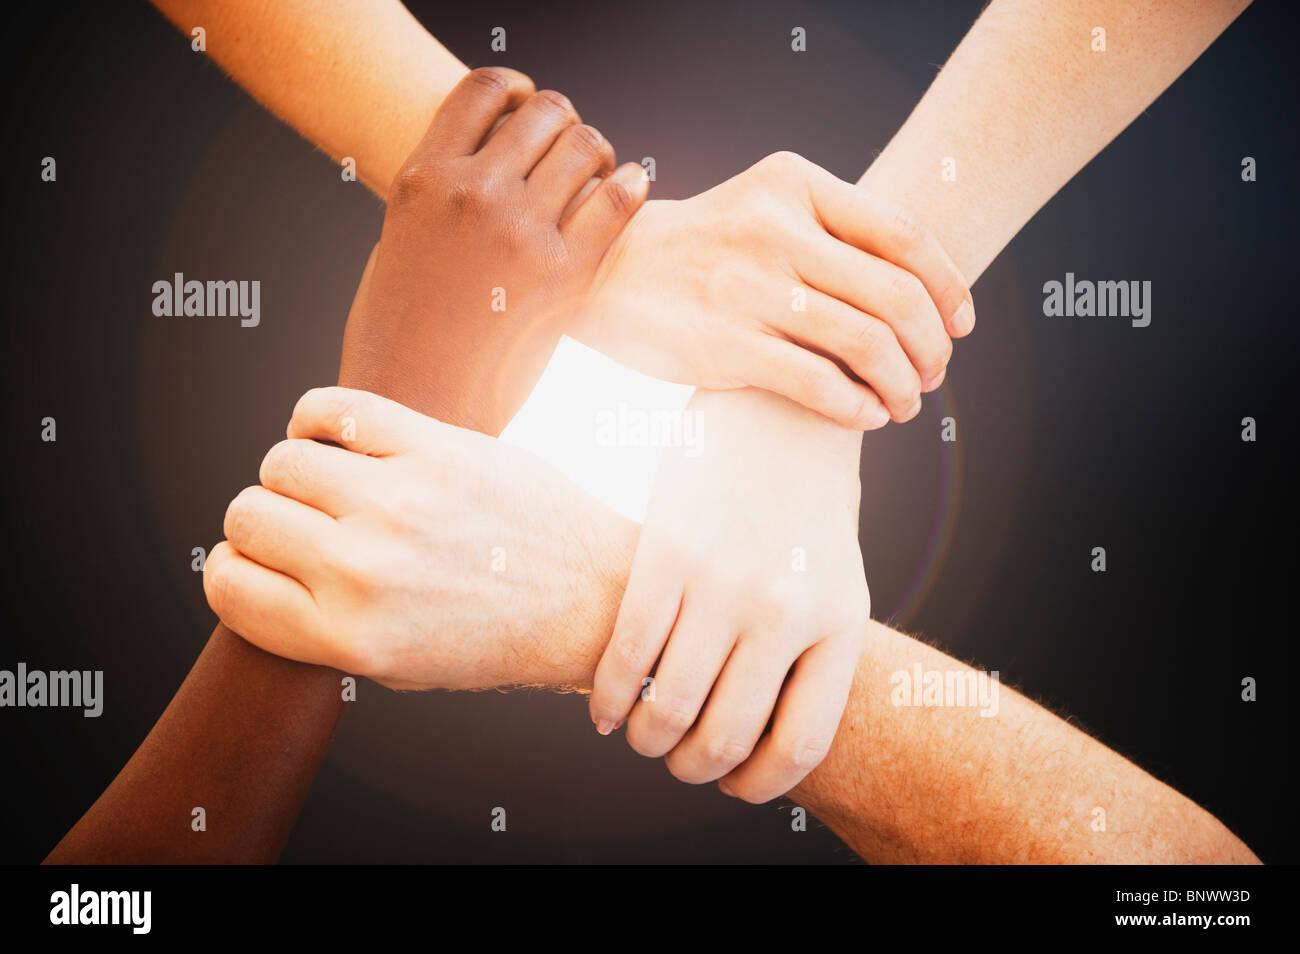 Quatre mains tenant les poignets d'autres personnes Photo Stock